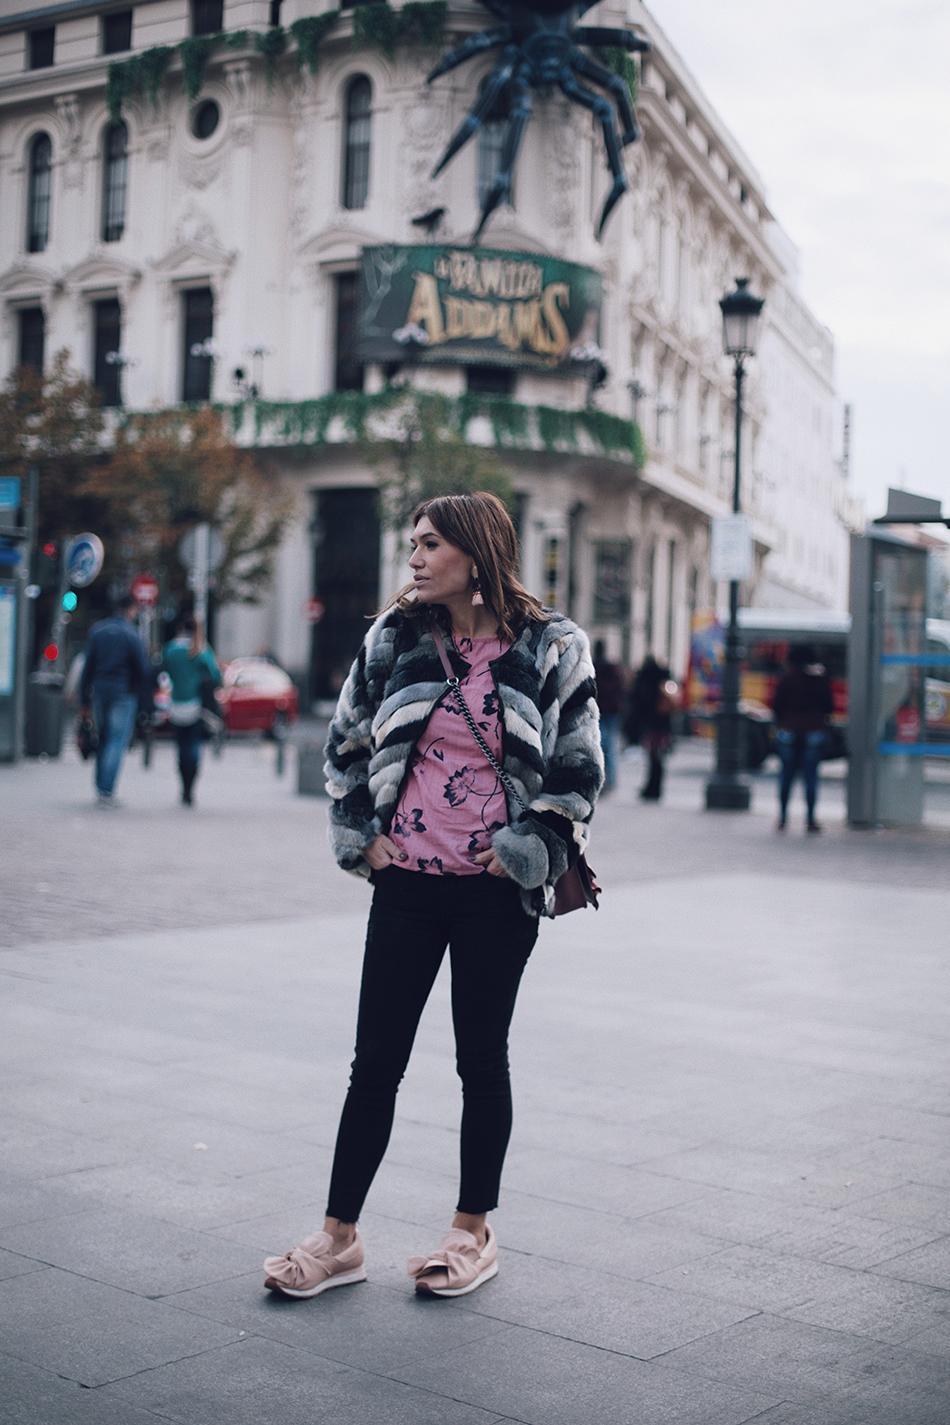 street style de Bárbara Crespo con abrigo de pelo gris, blusa rosa de flores y rayas de Kiabi , jeans skinny y sneakers de color rosa. Foto en la plaza de Jacinto Benavente